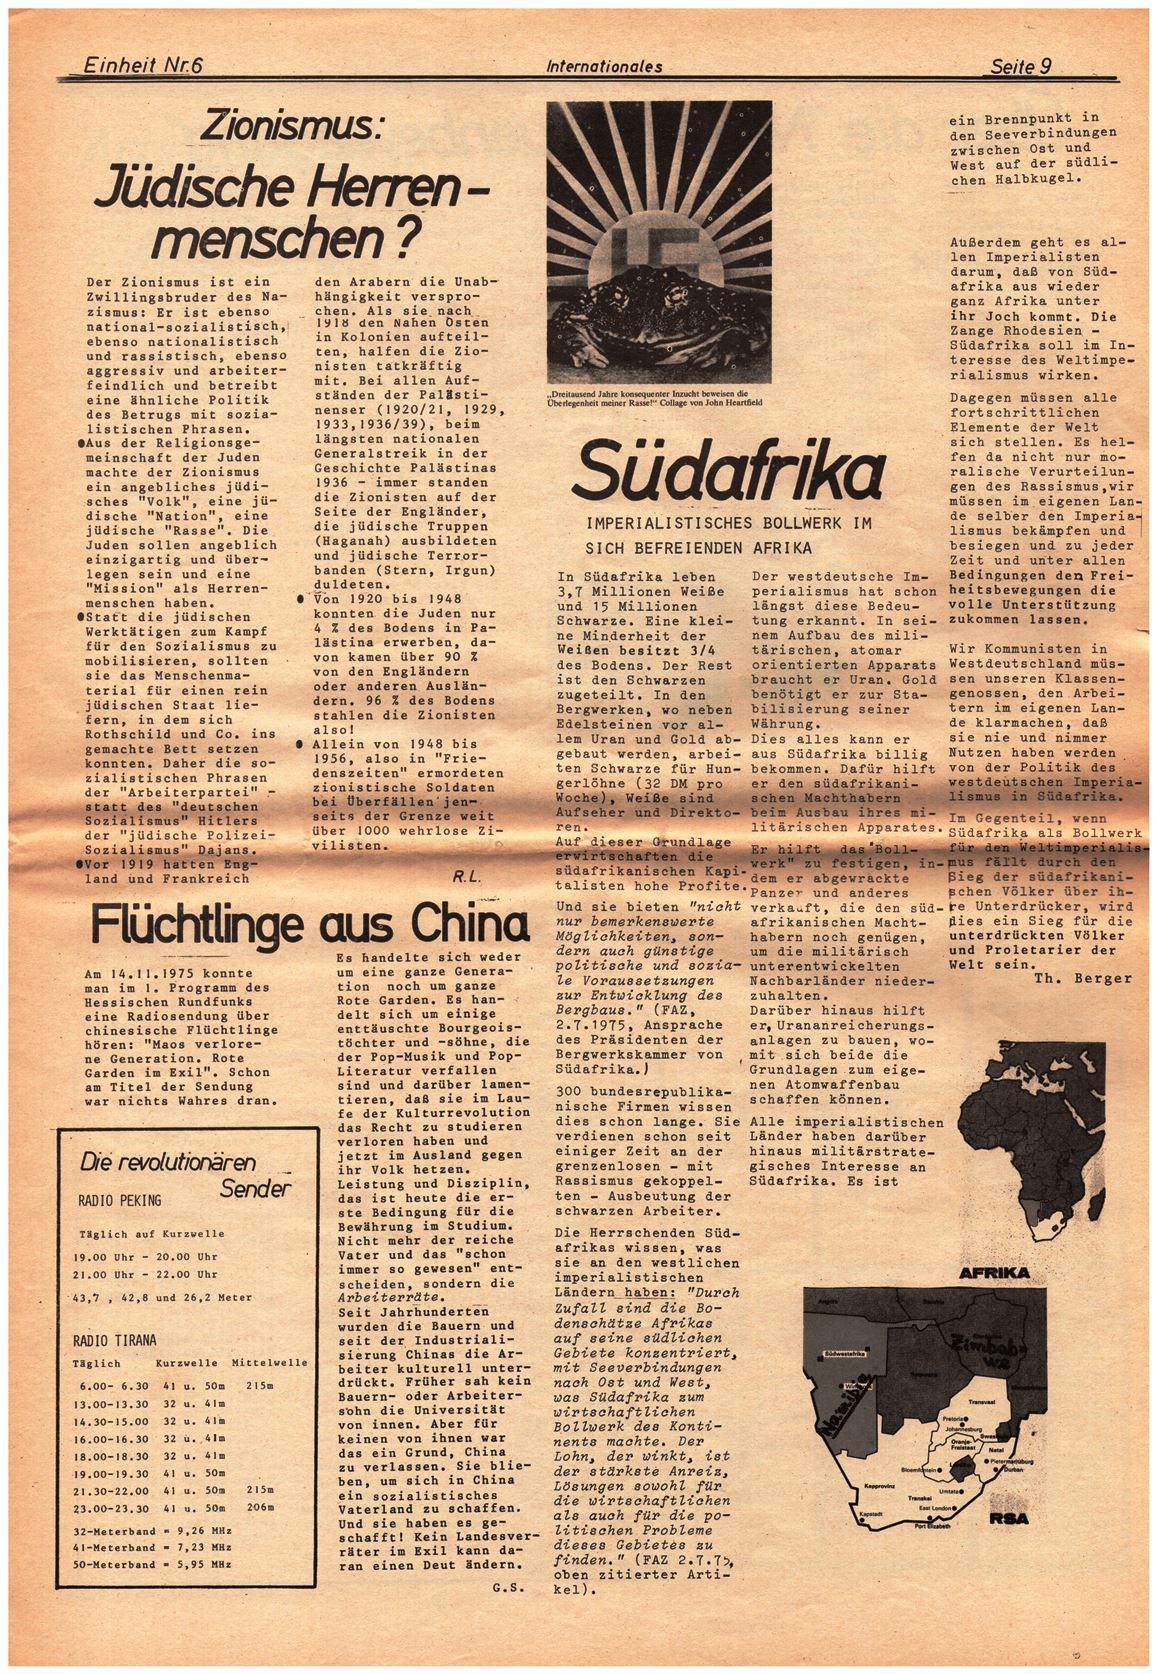 Koeln_IPdA_Einheit_1976_006_009